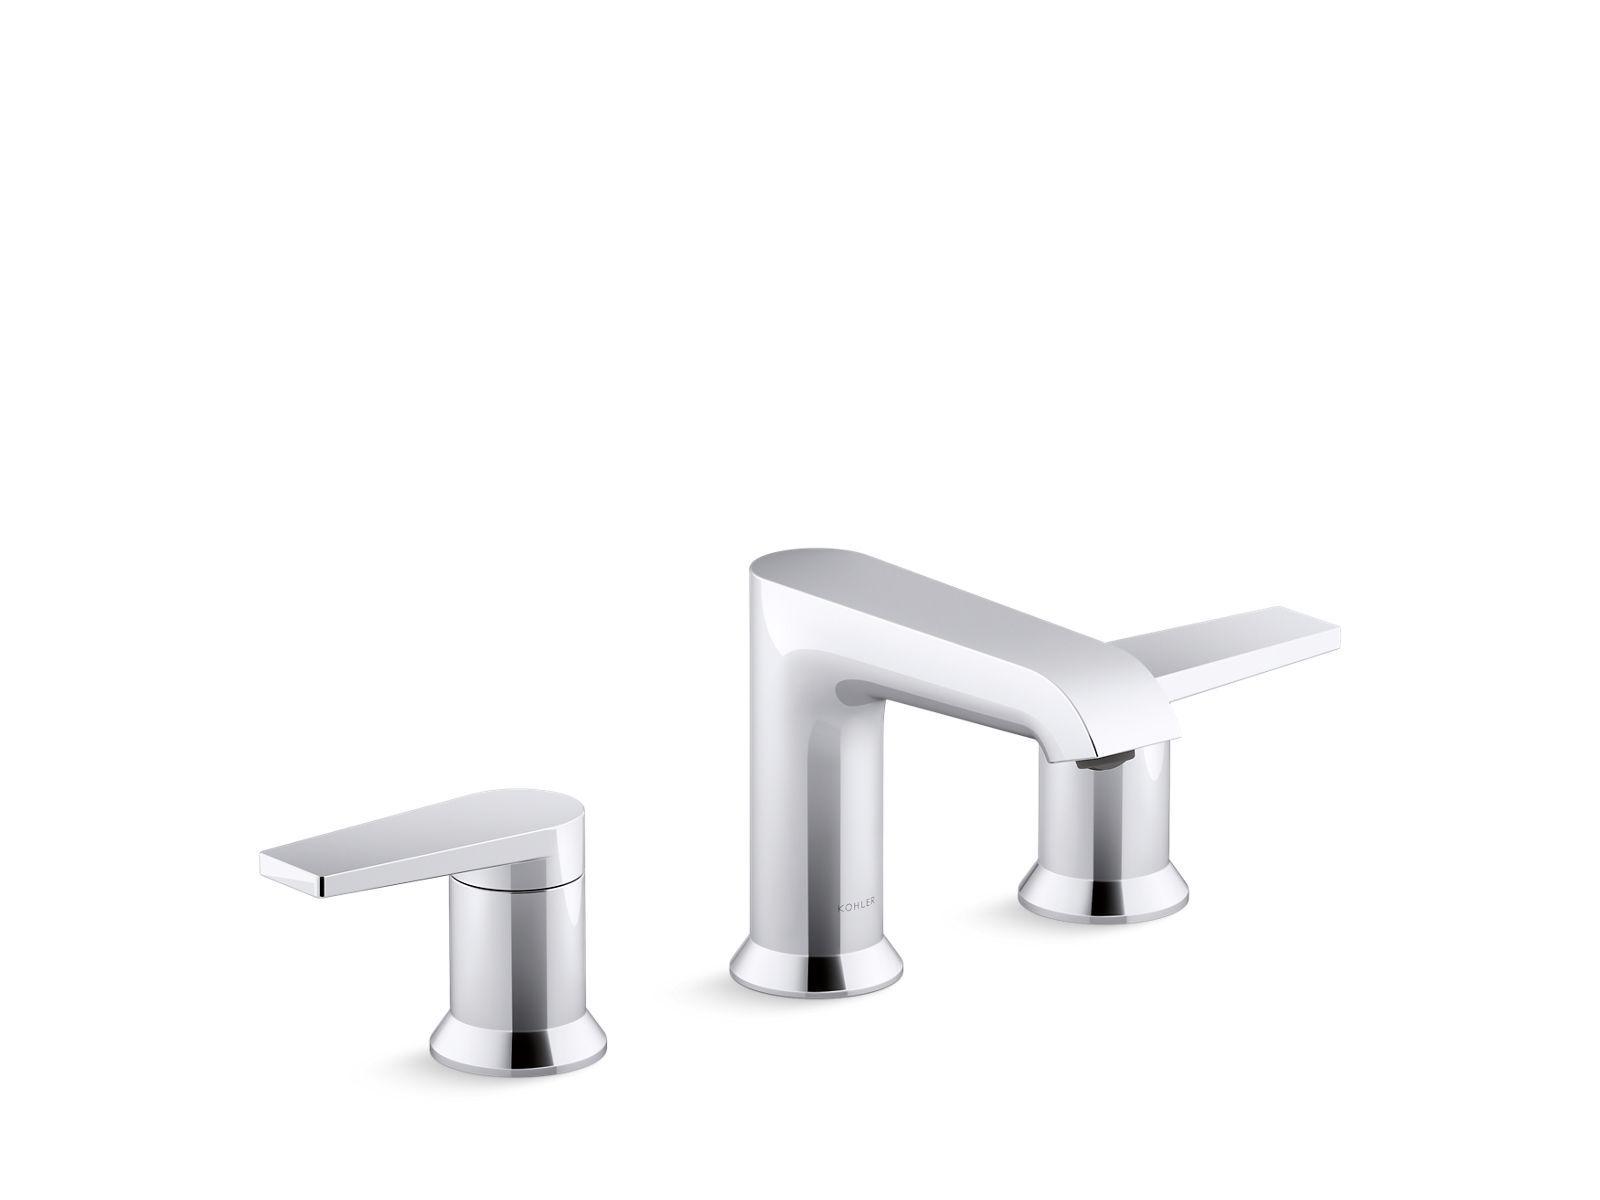 K 97093 4 Hint Widespread Bathroom Sink Faucet Kohler Sink Faucets Bathroom Sink Faucets Bathroom Faucets [ 1200 x 1600 Pixel ]